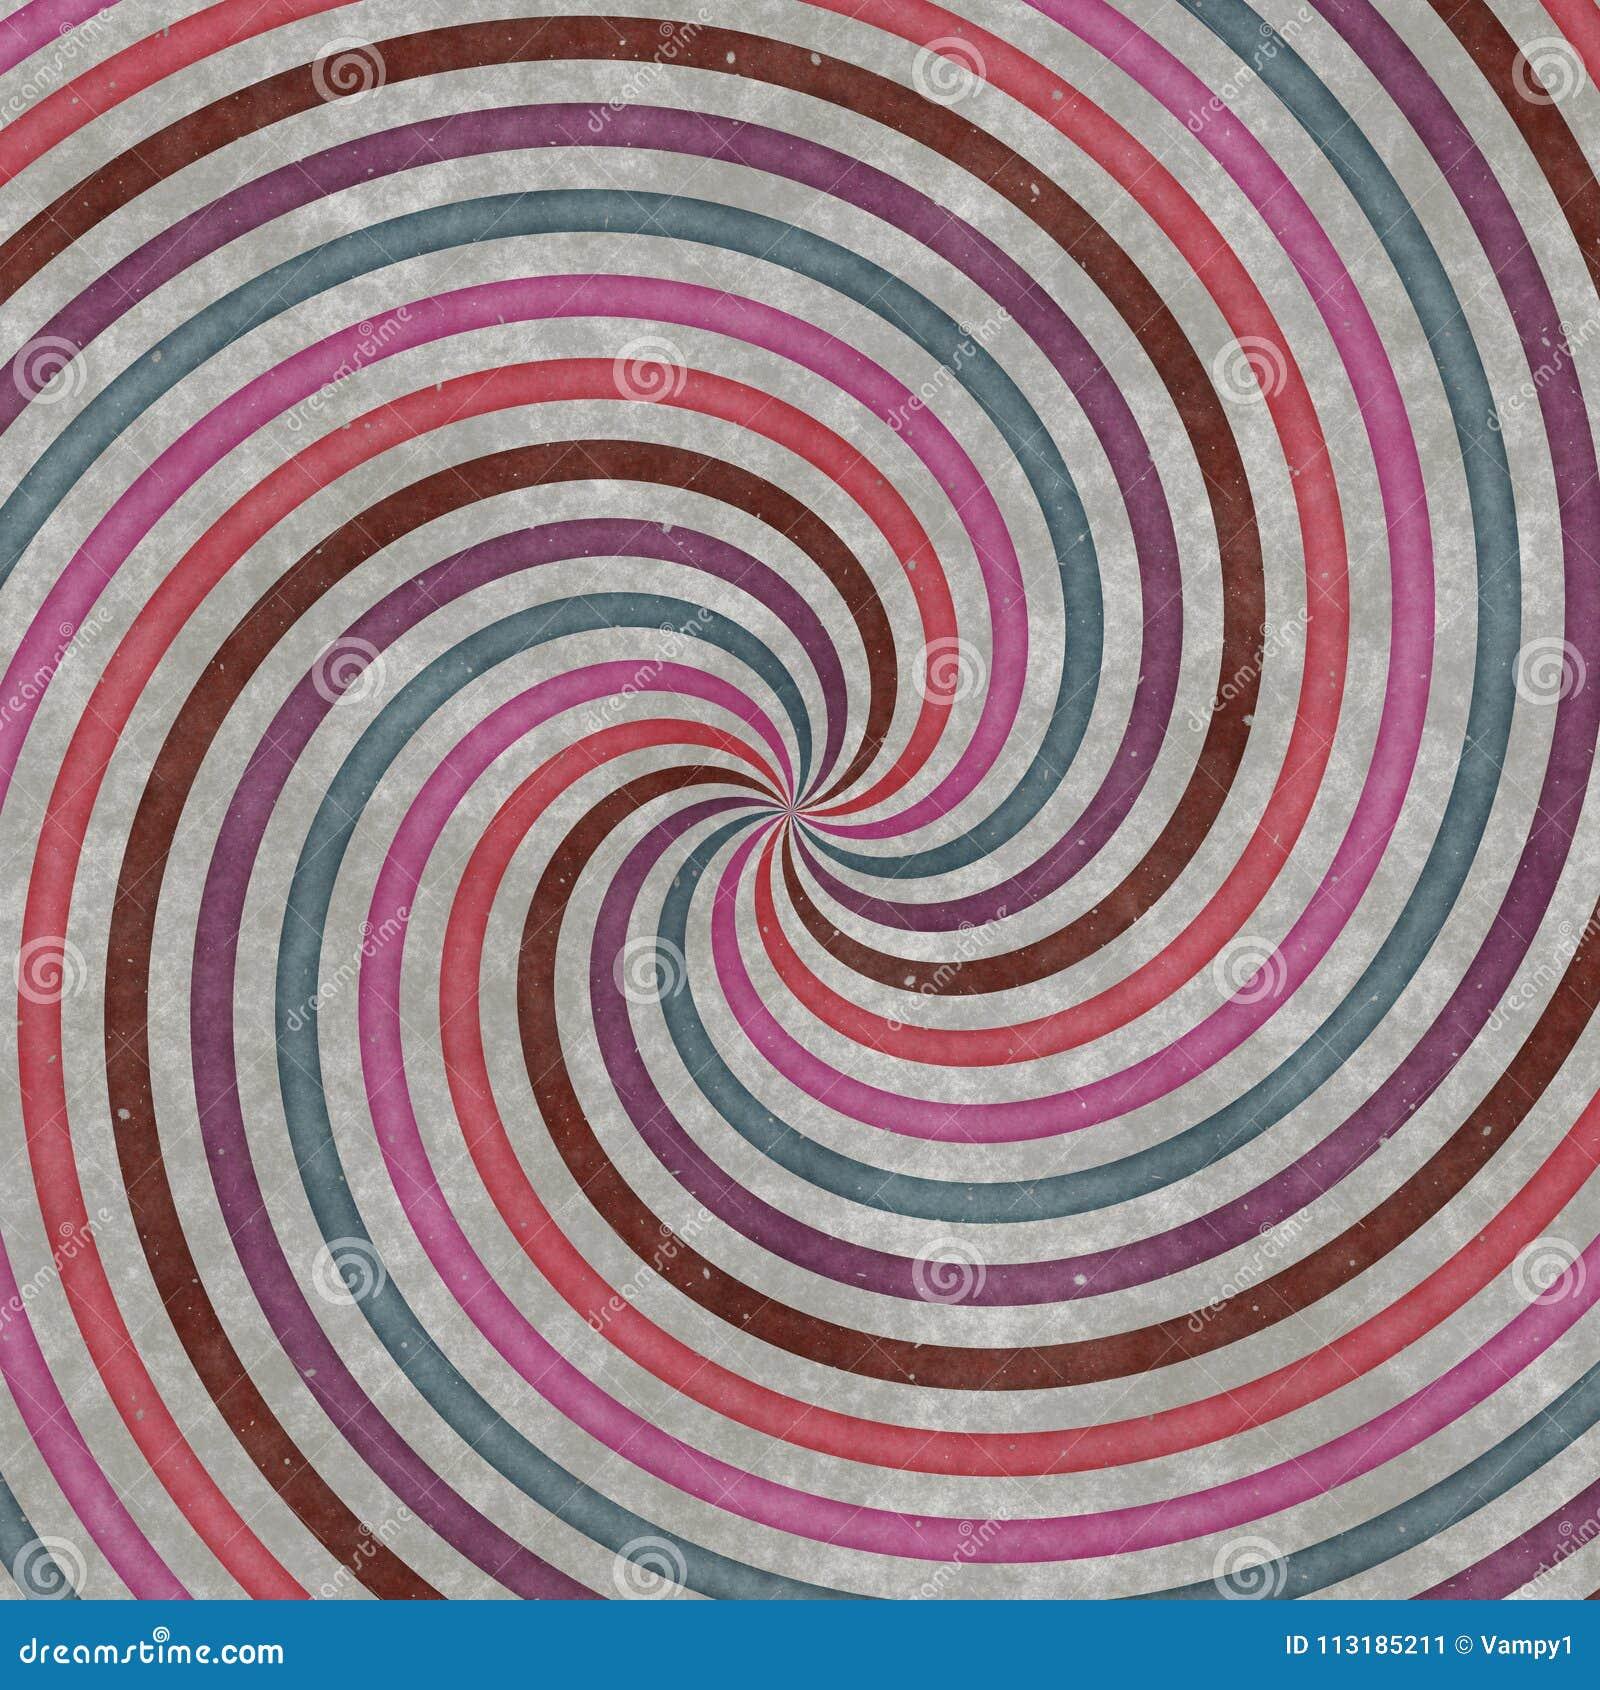 Turbulenz-förmige Kreise, Kurven und Spiralen, Grafikdesign Gewundene Beschaffenheit